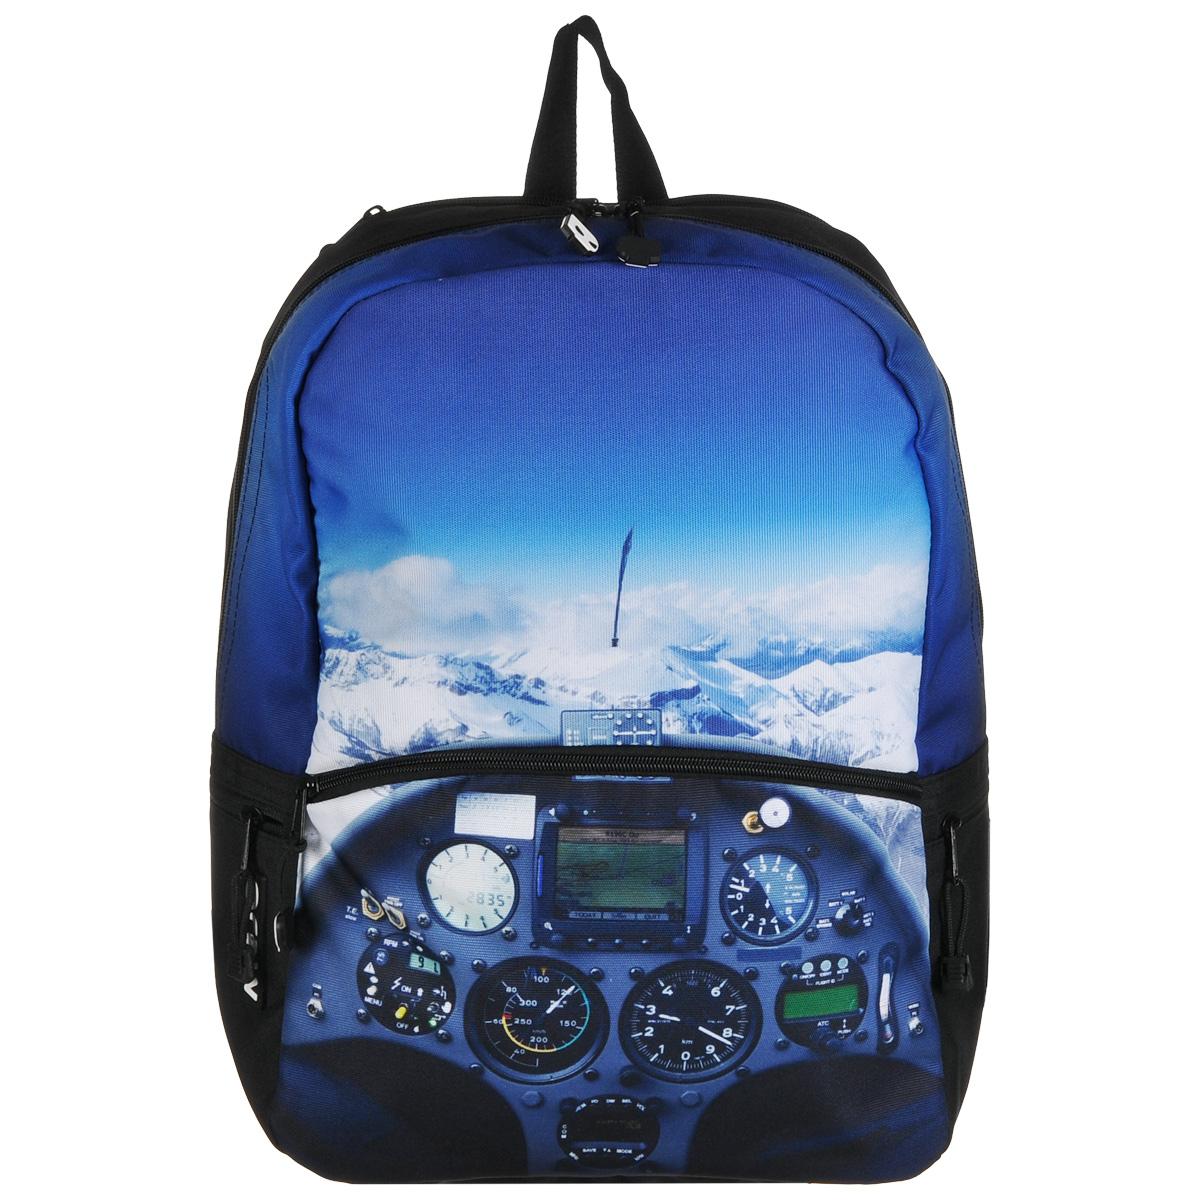 Рюкзак городской Mojo Pax Cockpit, 20 л1178215Городской рюкзак Mojo Pax Cockpit подходит для тех, кто привык шокировать и выделяться из толпы. Идеальный вариант для школьников и студентов. Рюкзак выполнен из плотного полиэстера с оригинальным рисунком, материал изделия устойчив к воздействию влаги и не выгорает. За счет люминесцентной краски рисунок светится при ультрафиолетовом свете. Модель очень вместительная и функциональная: в основной отсек, закрывающийся на застежку-молнию, вместятся тетрадки, учебники и другие вещи. Также имеется специальное отделение для планшета, с мягкими стенками для защиты гаджета от повреждений. Снаружи расположено 3 кармашка на молнии для мелочей. Рюкзак имеет уплотненную спинку и мягкие широкие лямки регулируемой длины, а также петлю для переноски в руке. Этот яркий и нестандартный рюкзак от Mojo буквально поражает воображение! Кусочек захватывающего дух вида из кабины авиалайнера в качестве принта делает этот рюкзак не просто аксессуаром, а частью жизненной философии. Любите свободу? Кладите в рюкзак ноутбук и любимые джинсы и вперед - покорять города и страны!